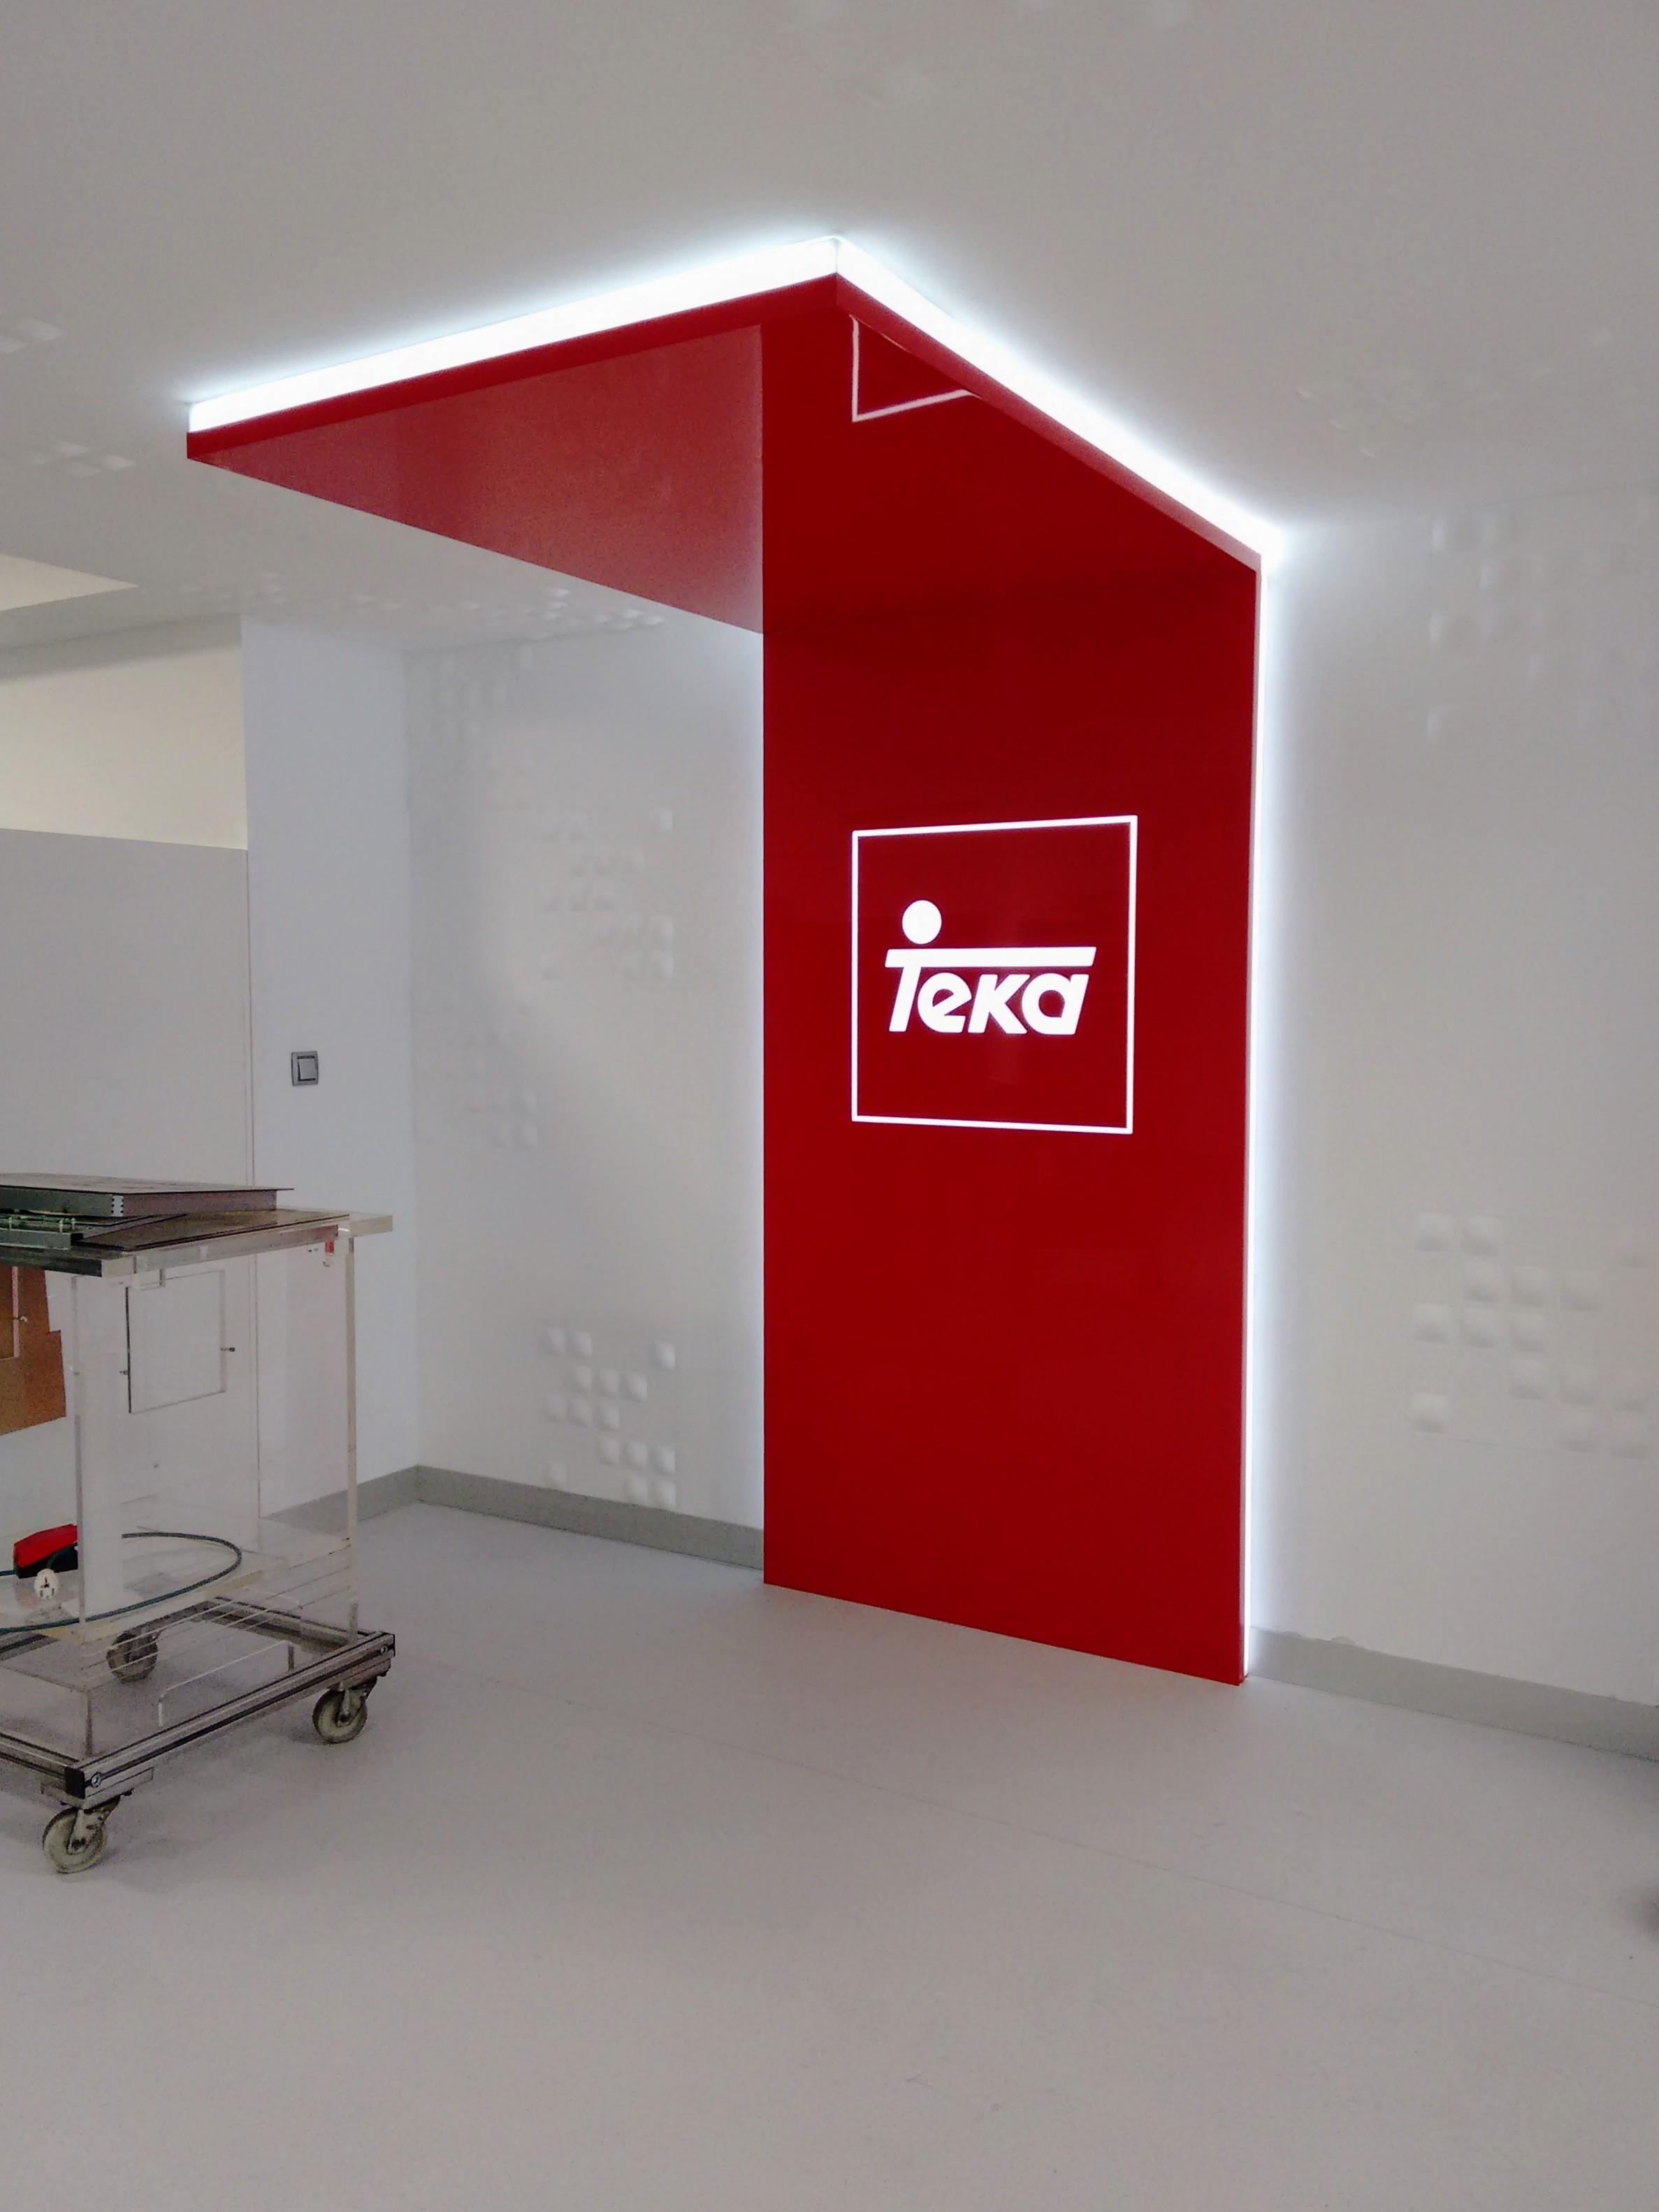 Laboratorio de calidad para Teka Industrial S.A.